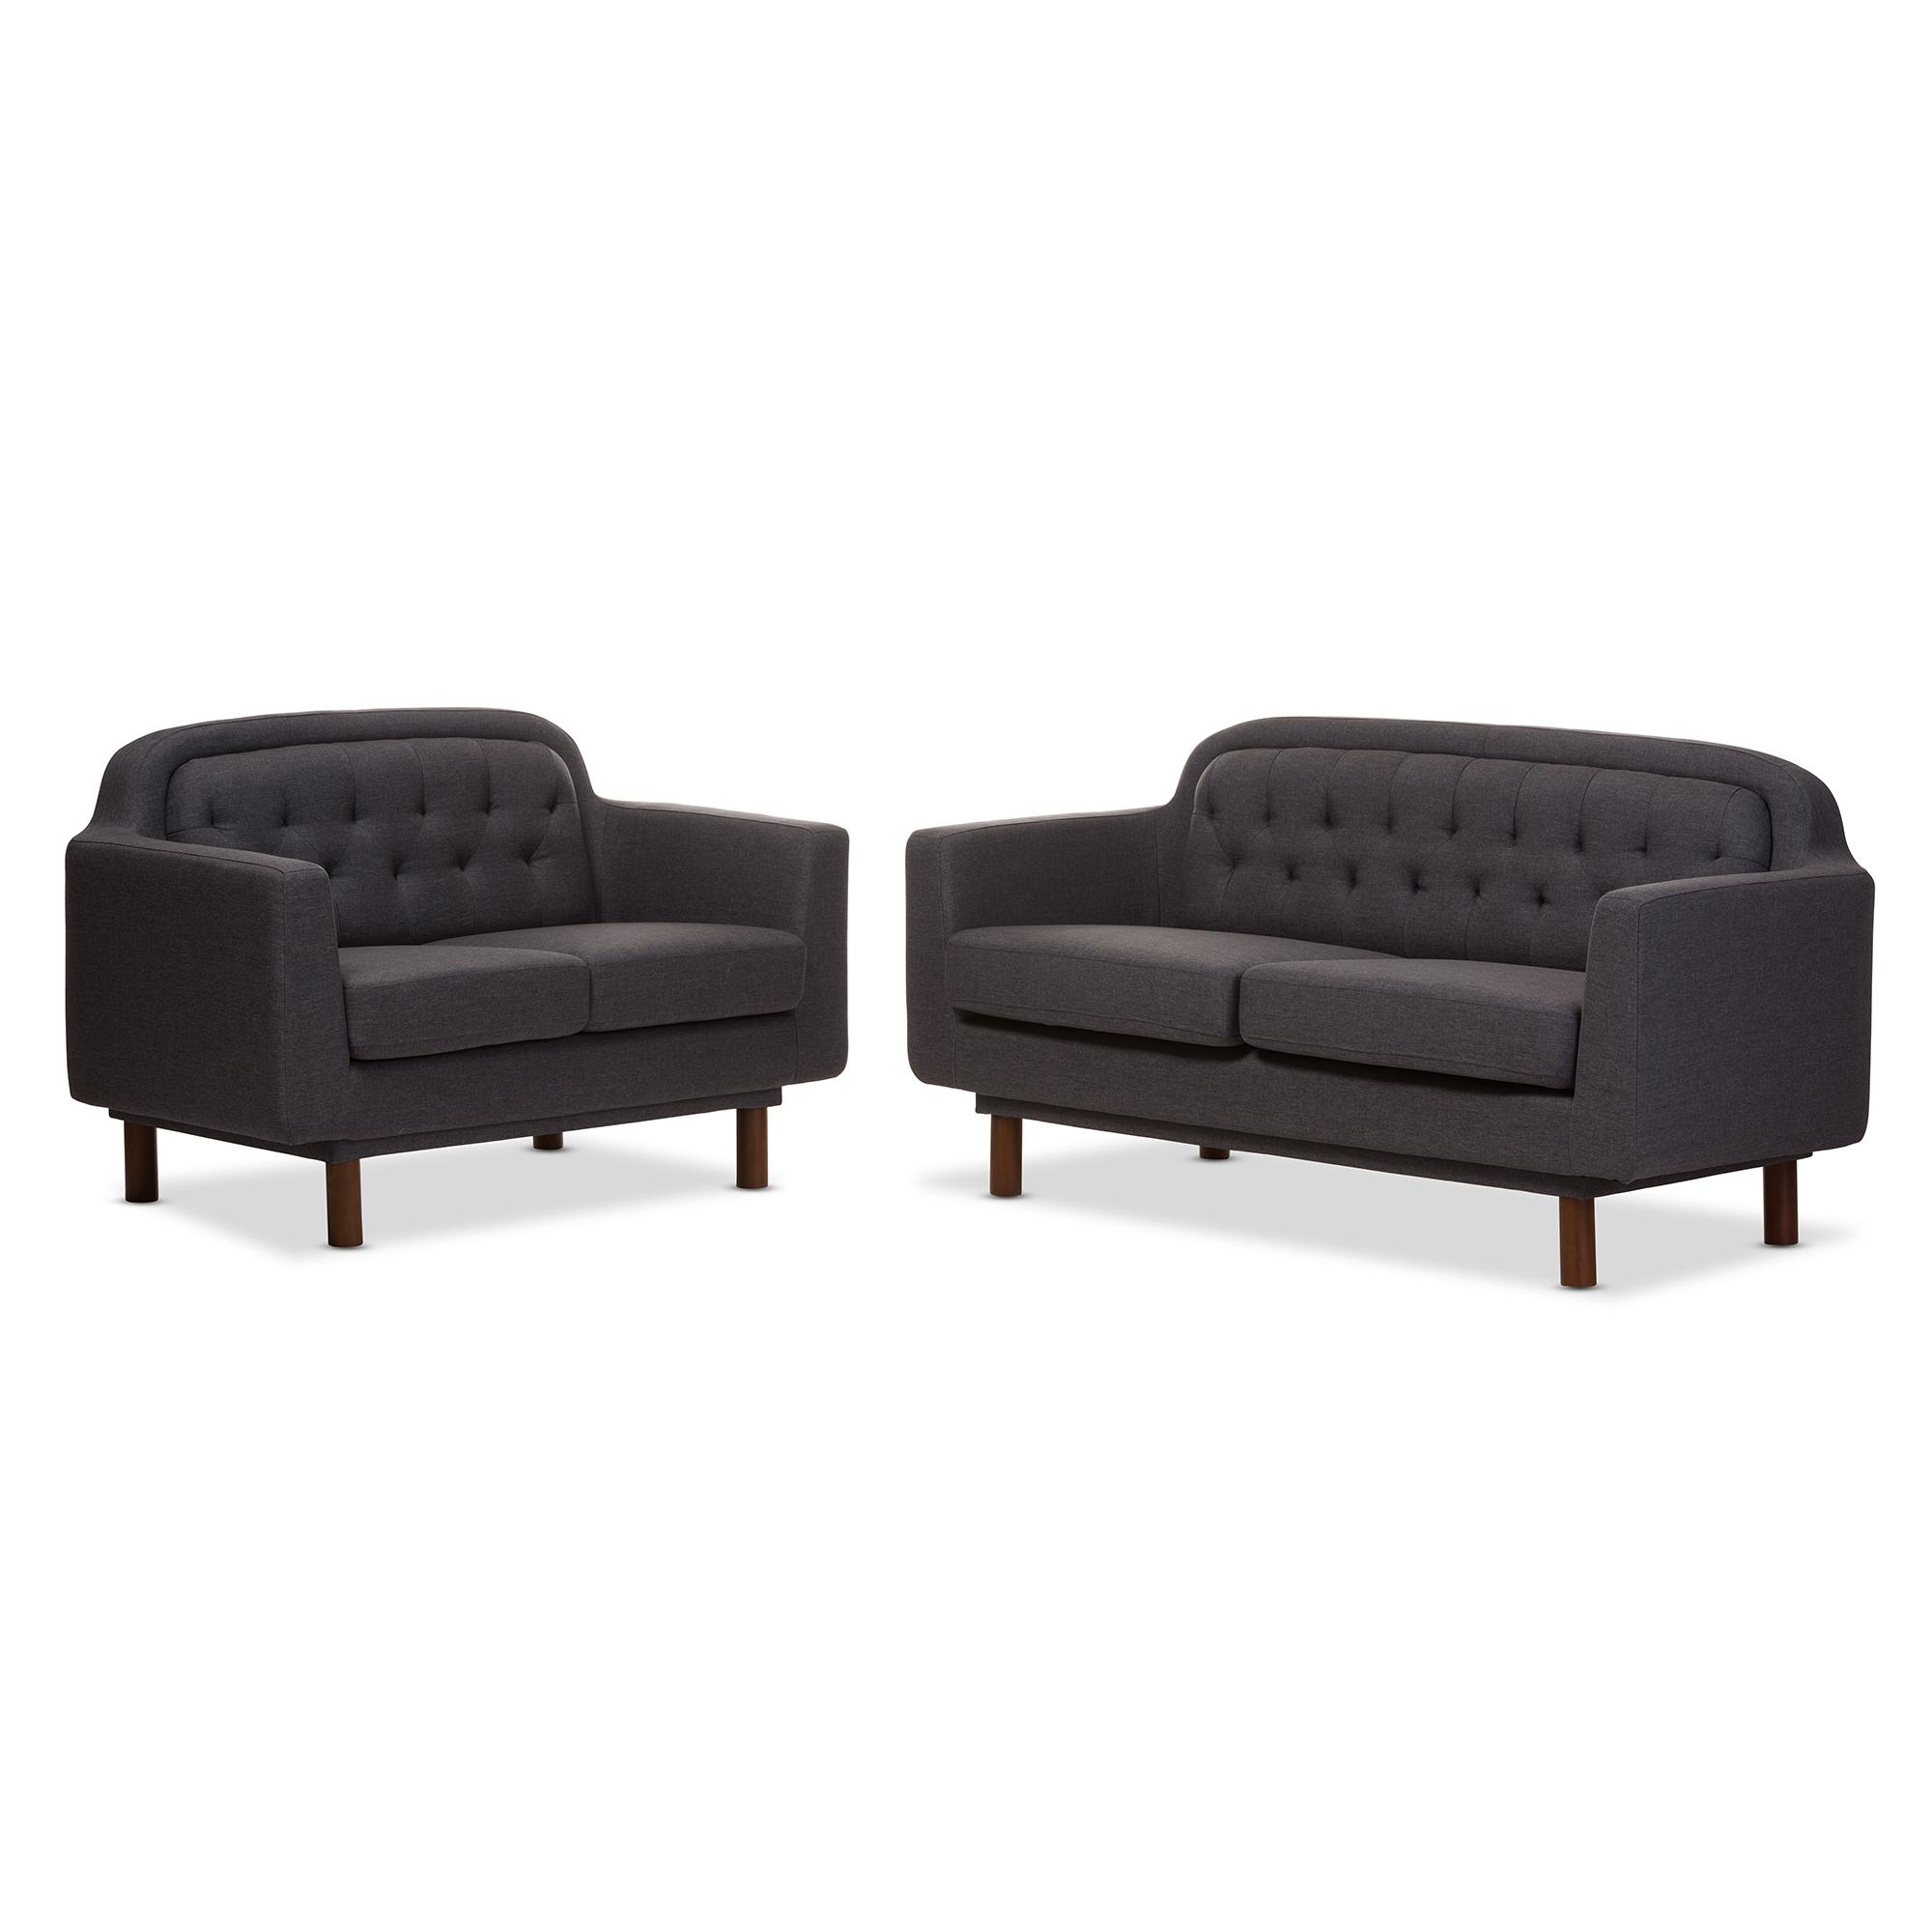 Living Room Furniture Kmart living room sets & collections - kmart